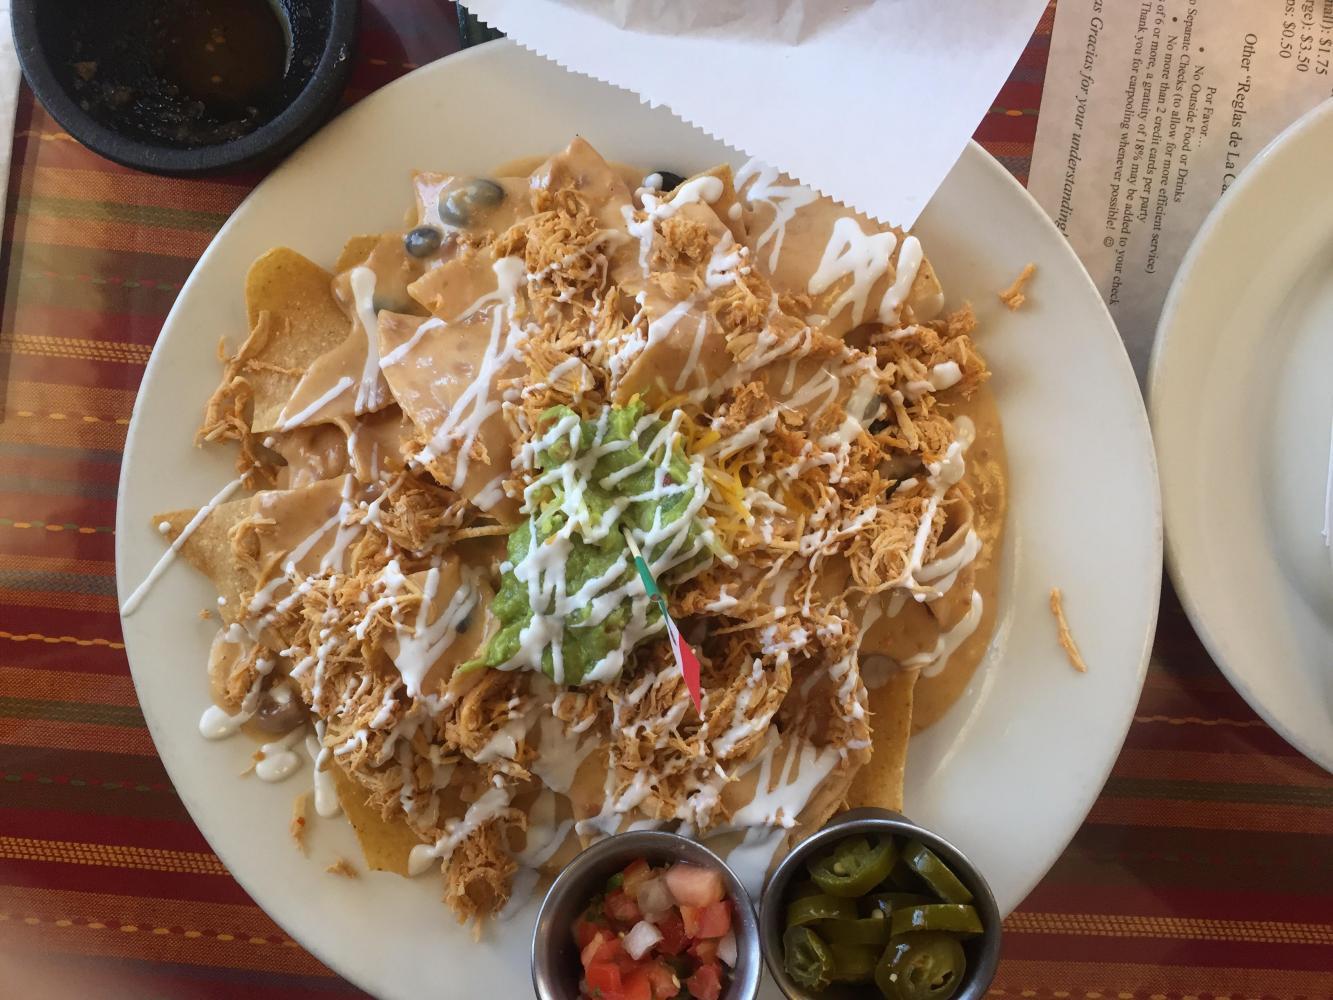 A plate of Los Chaparros nachos with chicken.